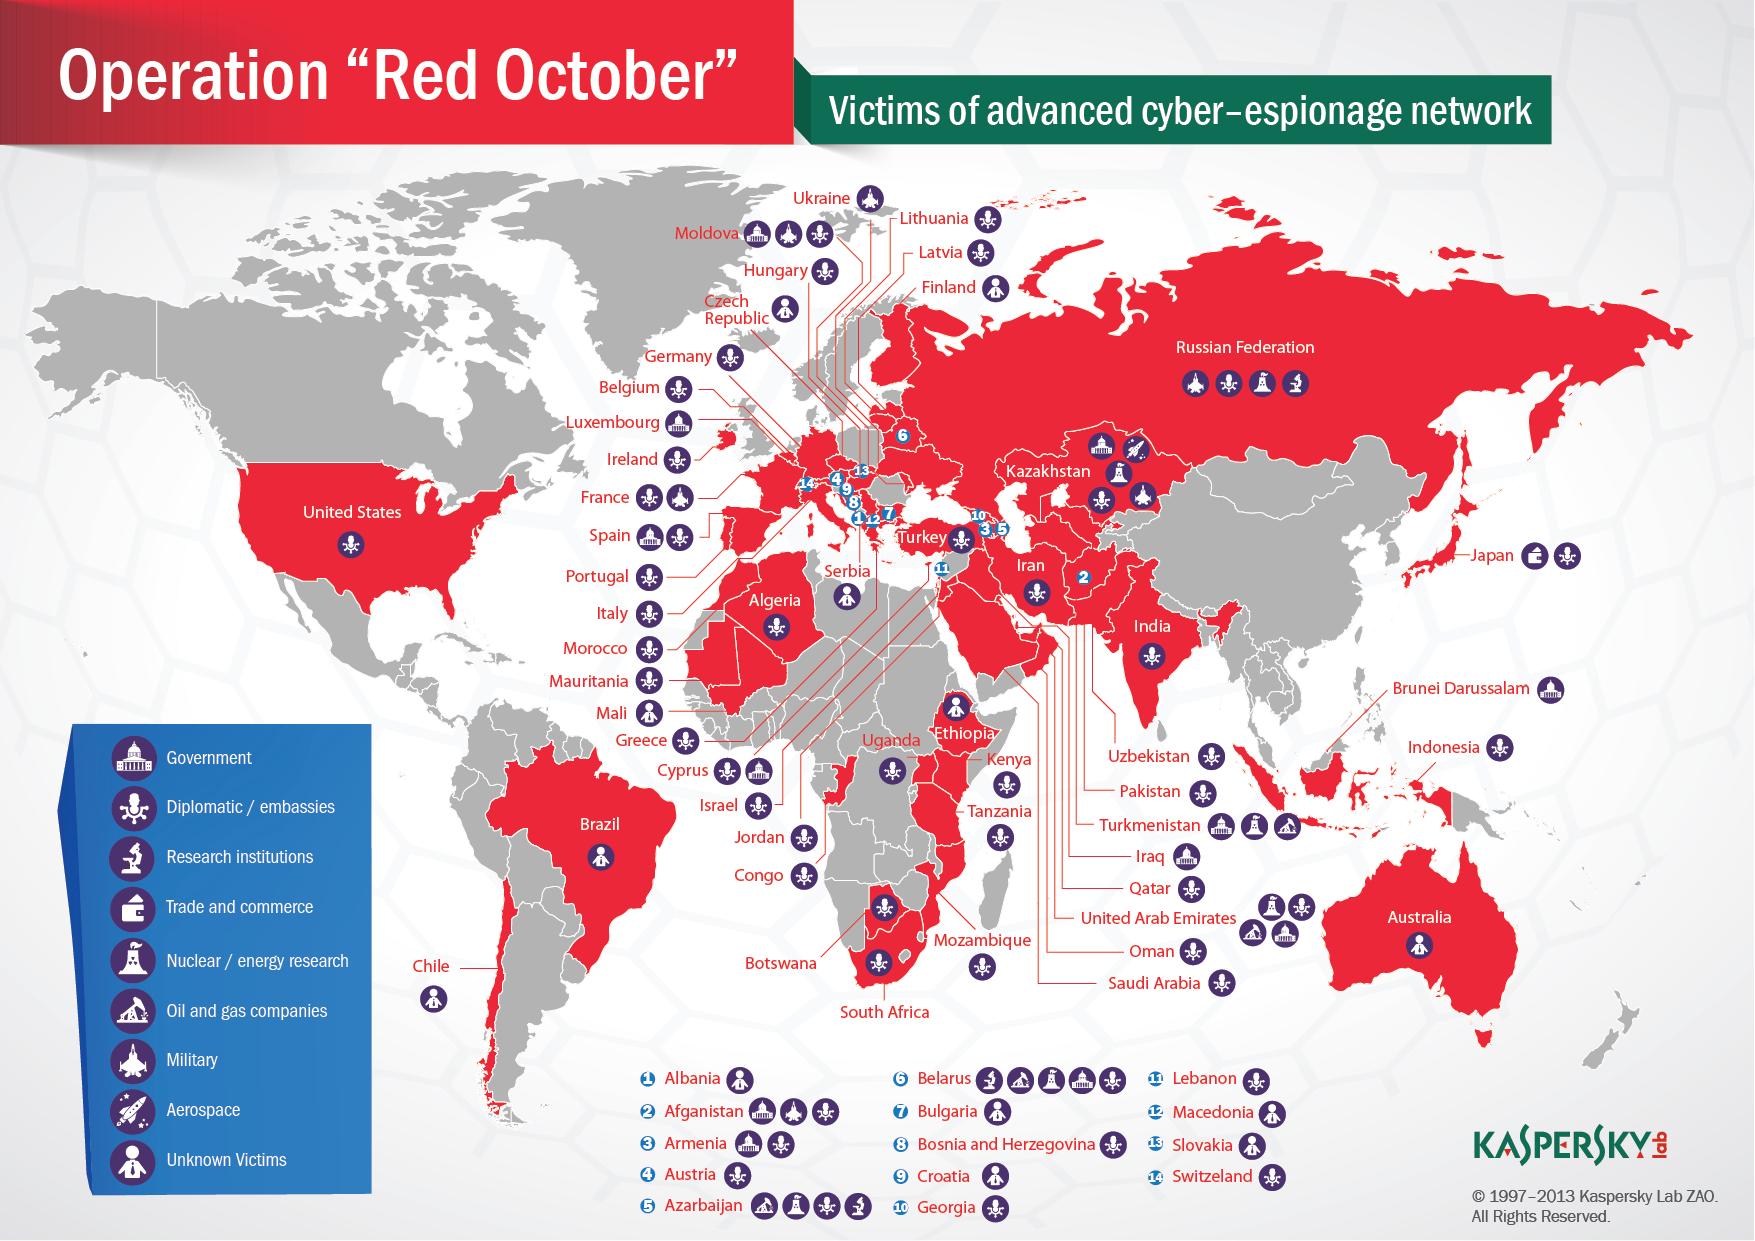 Kaspersky Lab descubre nueva campaña de ciberespionaje masivo 'Octubre Rojo' 48